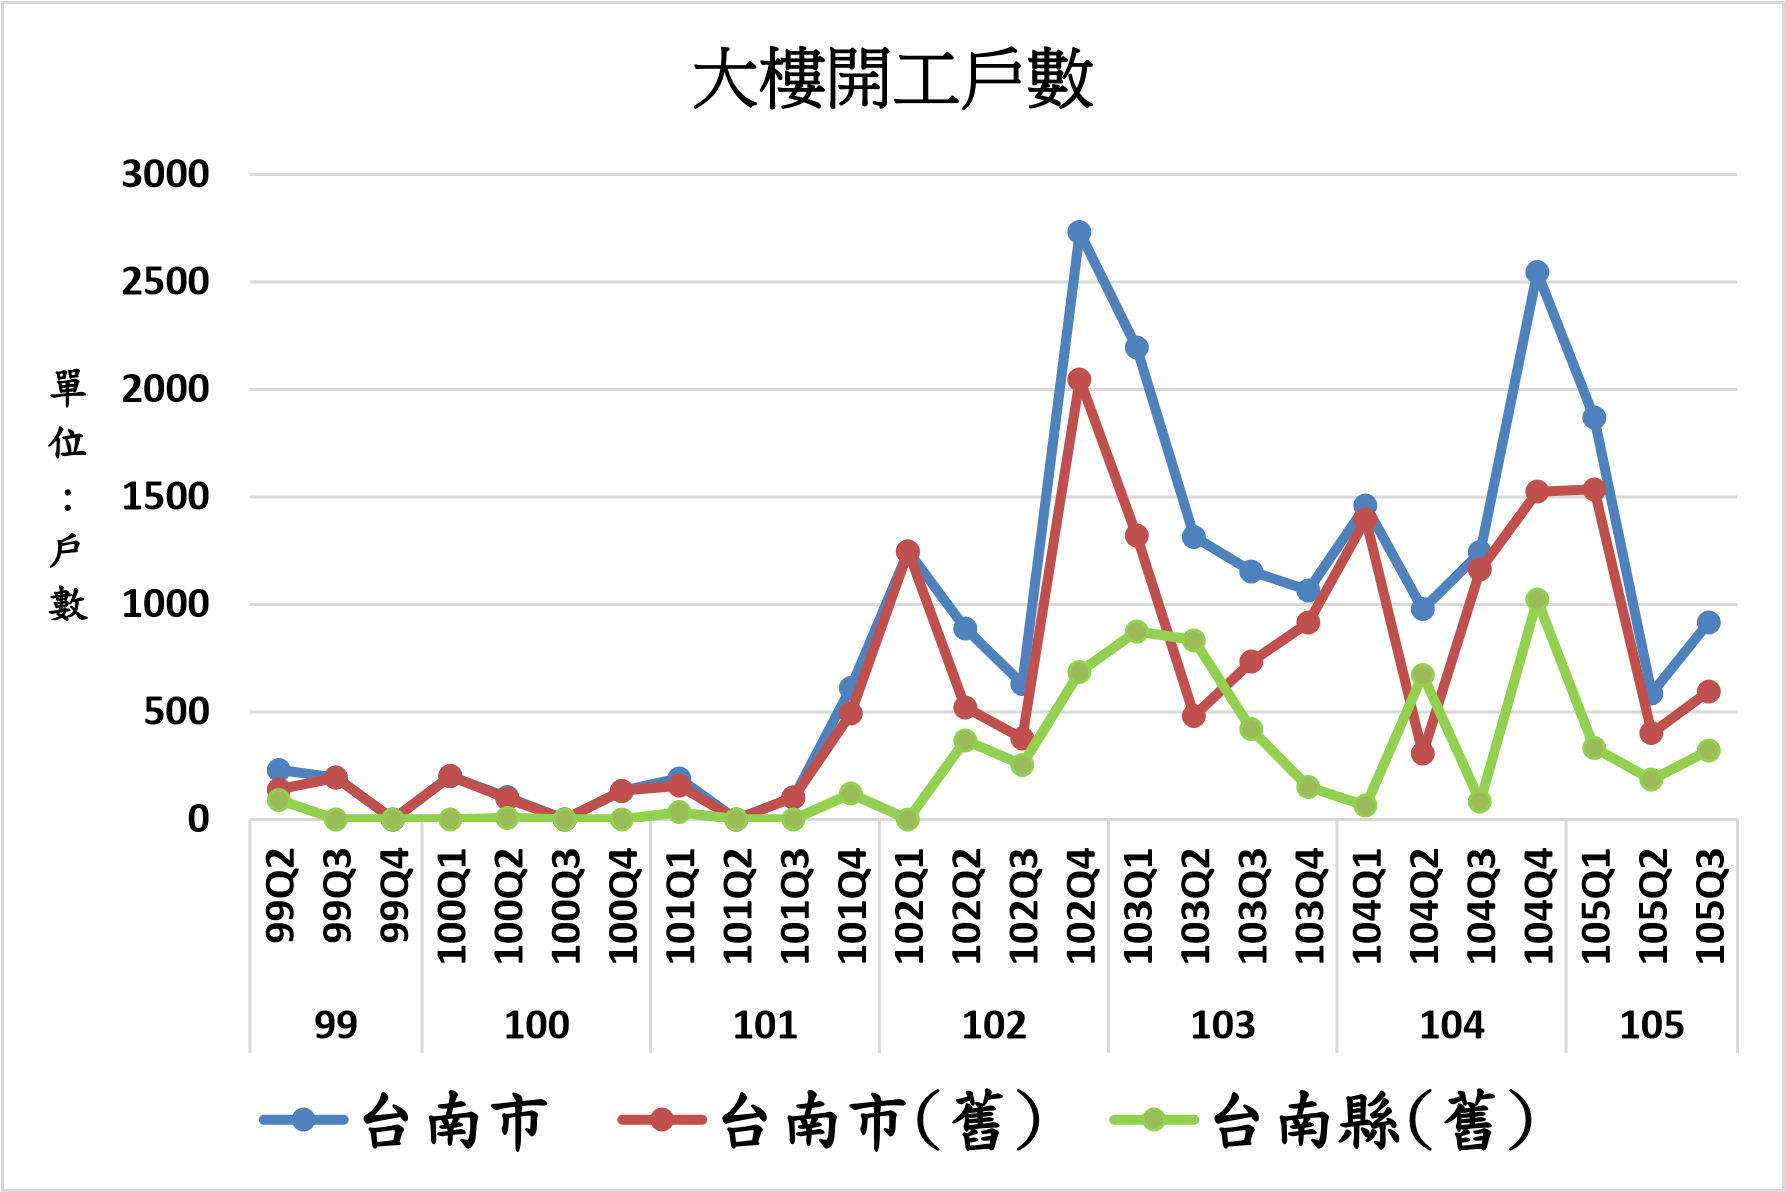 圖片:2016 年第 3季台南市房地產市場指數 新成屋、預售屋市場